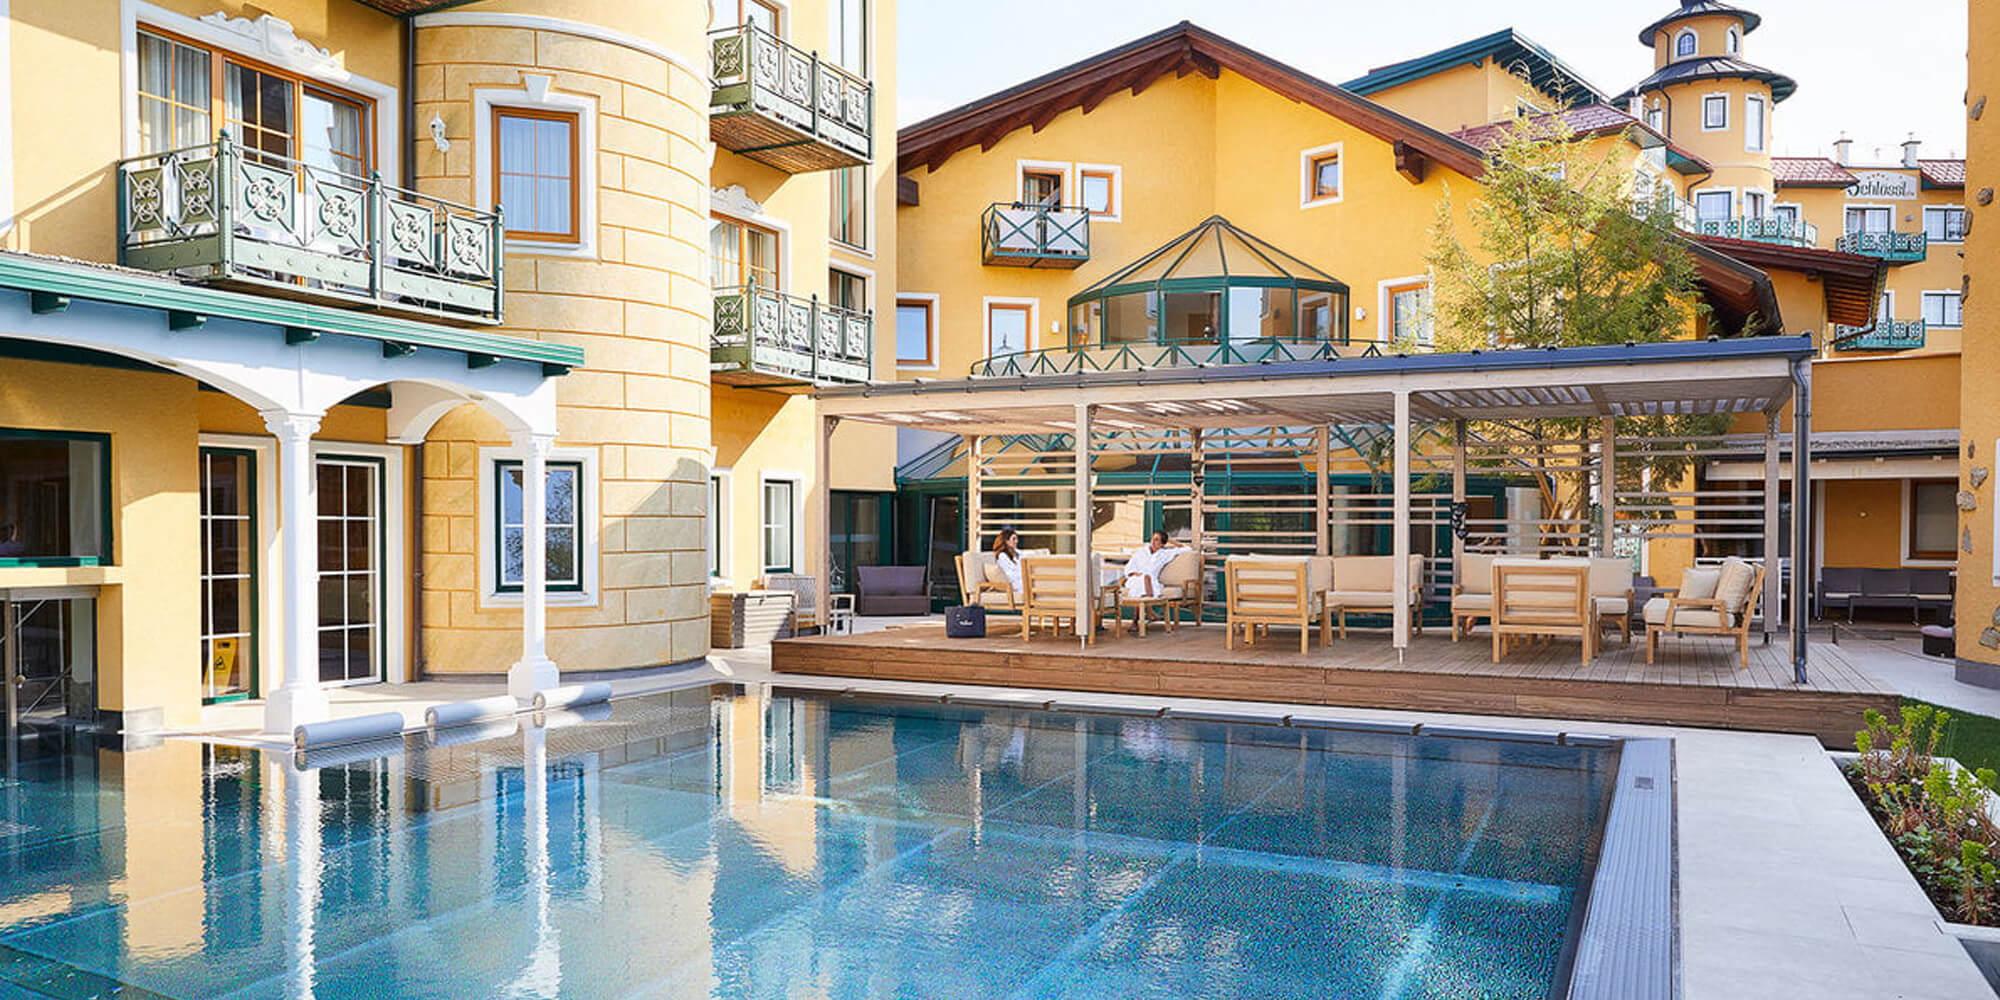 Crea-Plan-Design-Rauch-Frühmann-Architektur-Innenarchitektur-Design-Projekt-Referenz-Hotelerie-Gastronomie-Hotel-Guglwald-Wellness-N